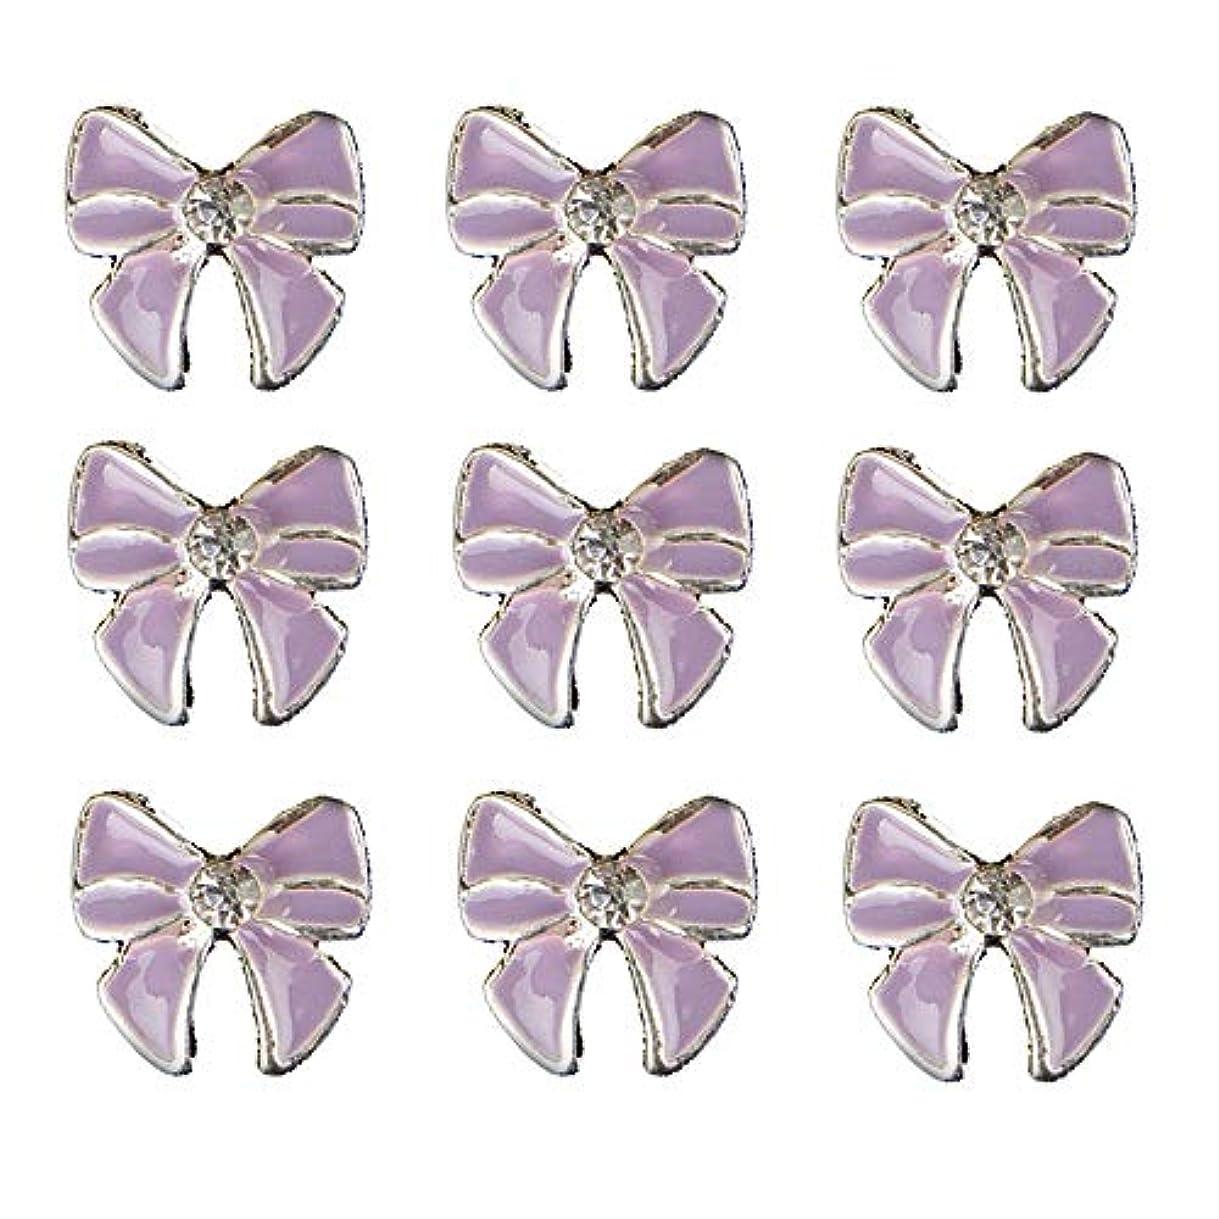 イライラするシンカンタイマー10個入りの3Dネイル合金デコレーション紫蝶ネクタイのデザイングリッターラインストーンネイルのヒントステッカーネイルツール